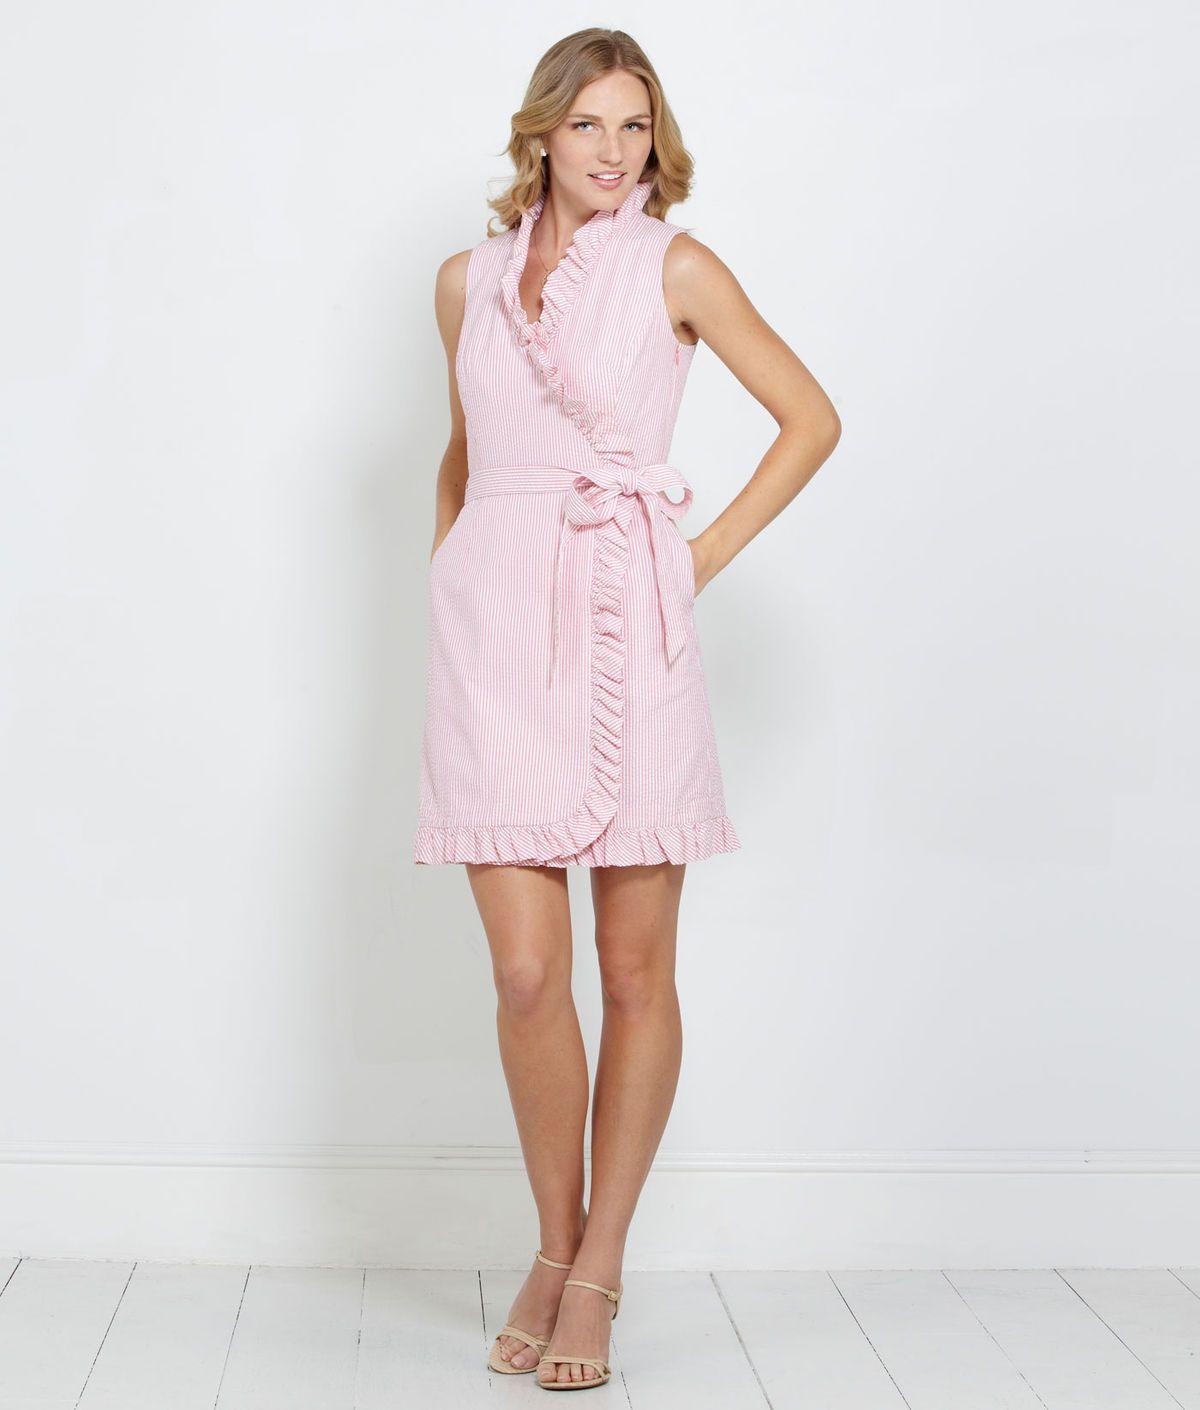 ef639ffd2b Women's Dresses: Seersucker Ruffle Wrap Dress for Women - Vineyard Vines